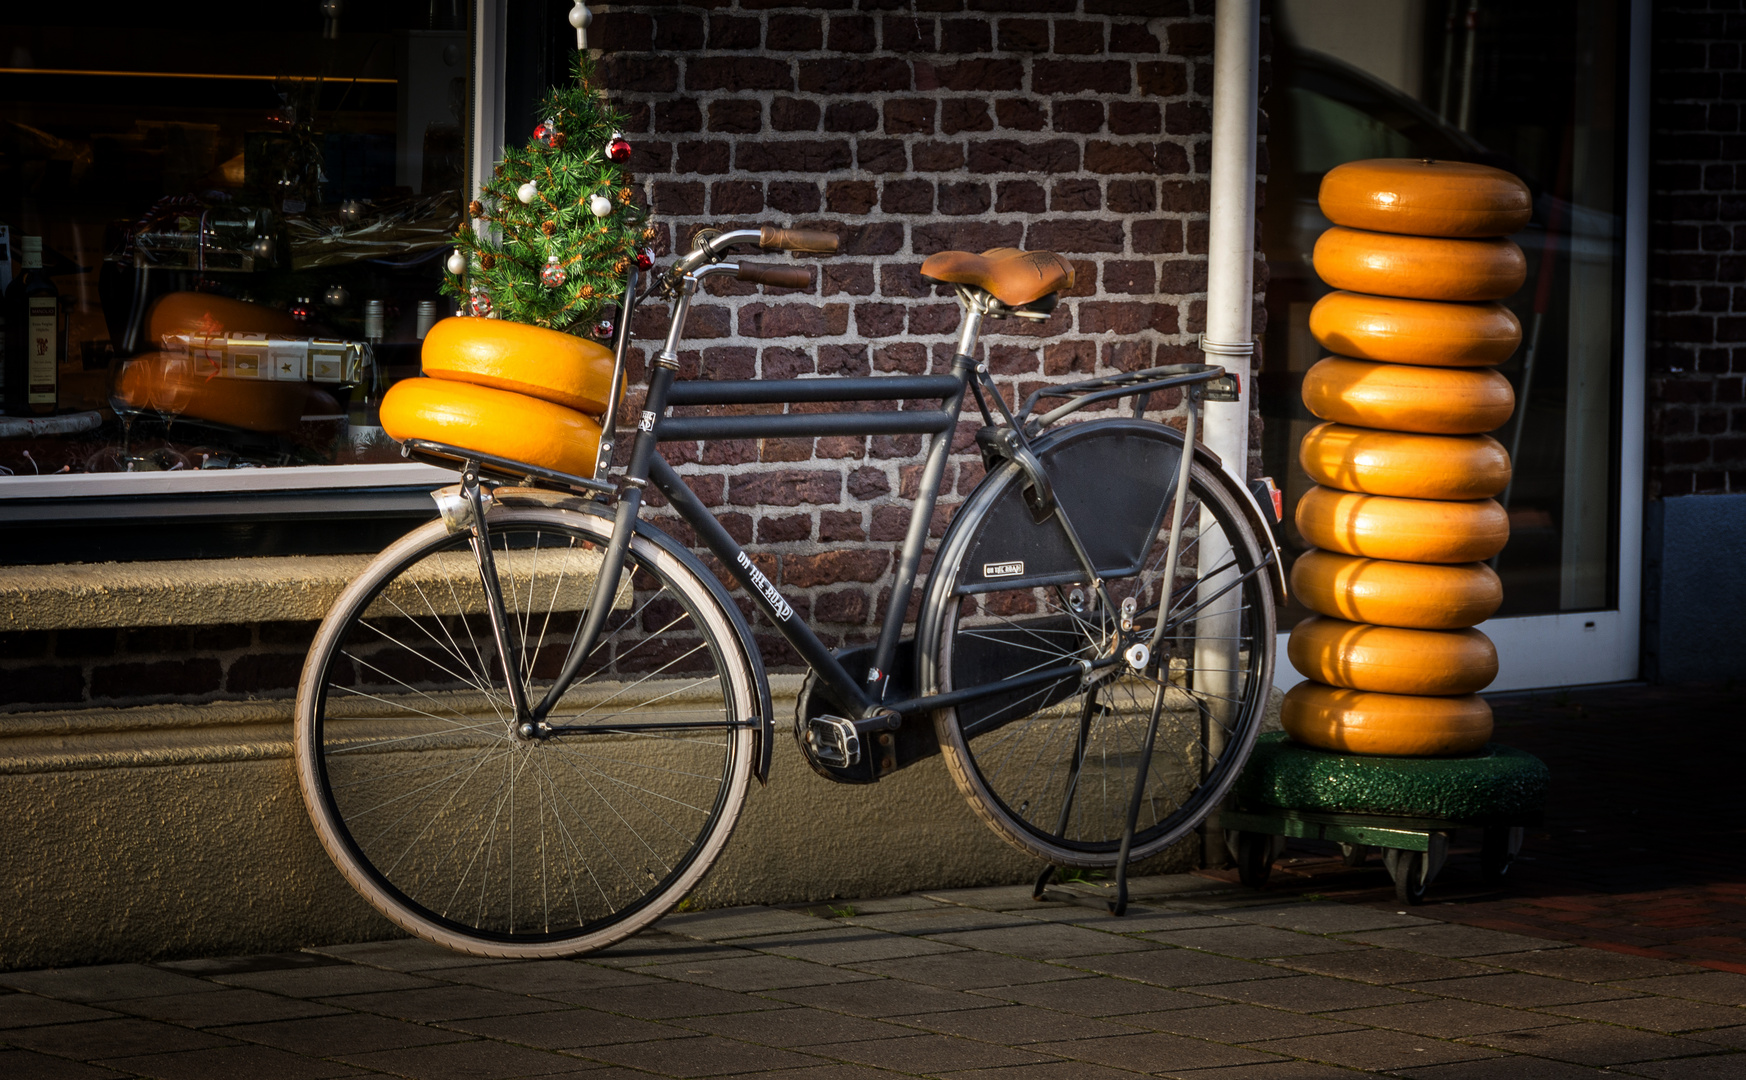 weihnachten auf holl ndisch foto bild stillleben autos zweir der essen trinken bilder